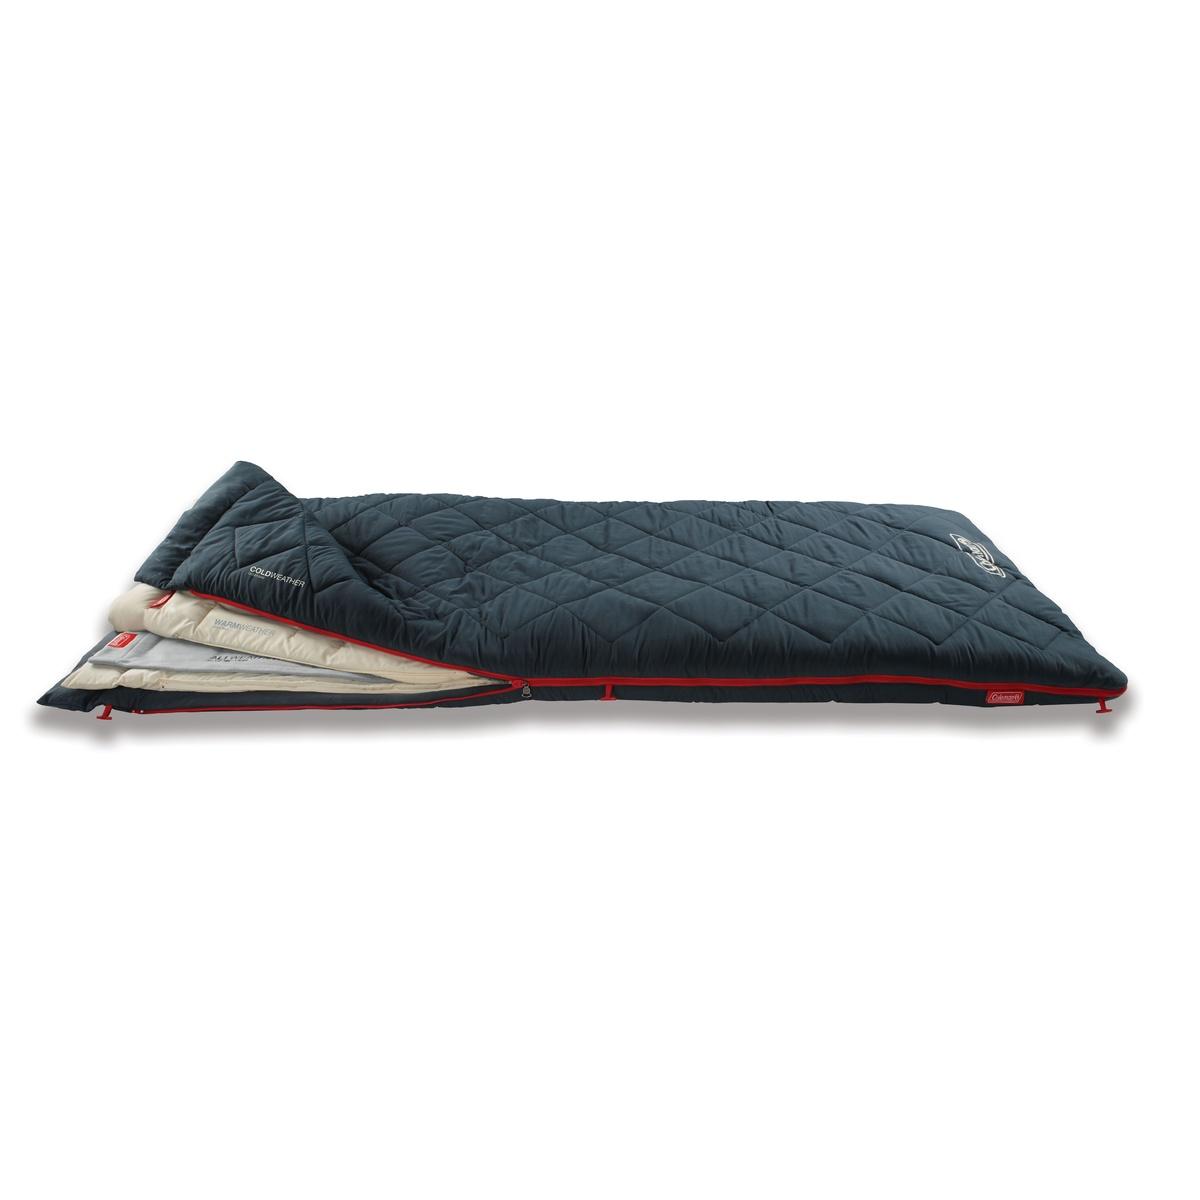 【送料無料】 COLEMAN (コールマン) キャンプ用品 スリーピングバッグ 寝袋 封筒型 マルチレイヤースリーピングバッグ 2000034777